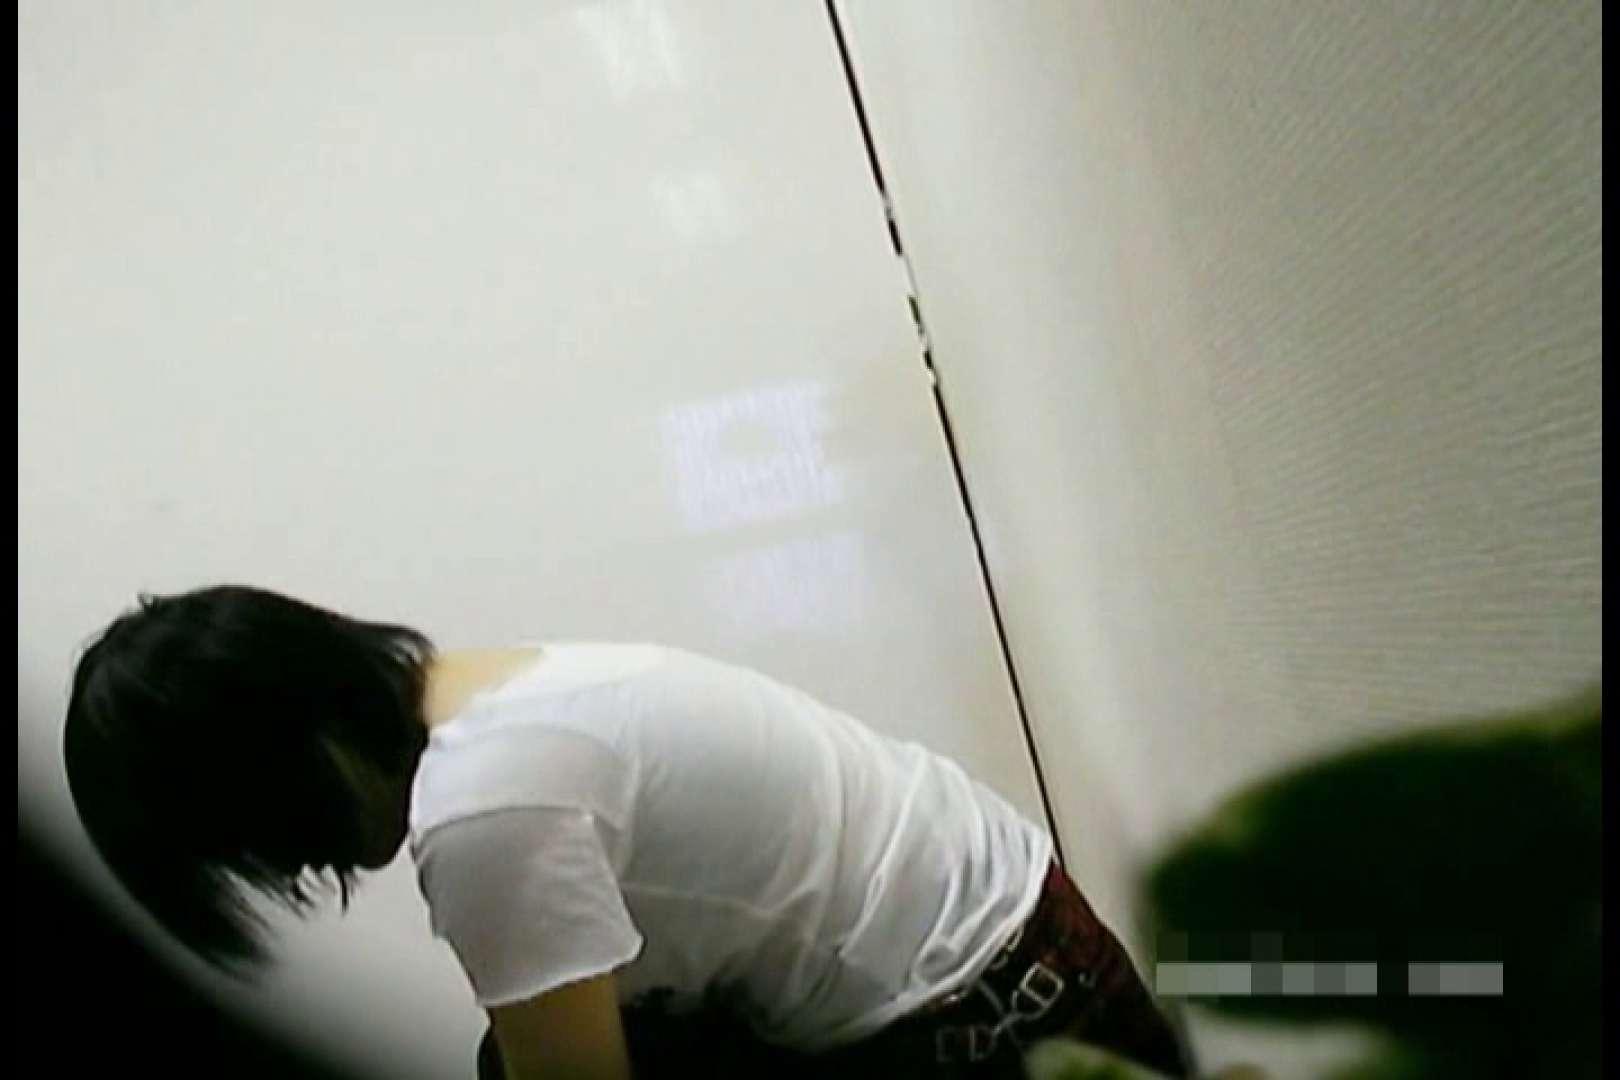 素人撮影 下着だけの撮影のはずが・・・みゆき18歳 おっぱい 濡れ場動画紹介 98PIX 89